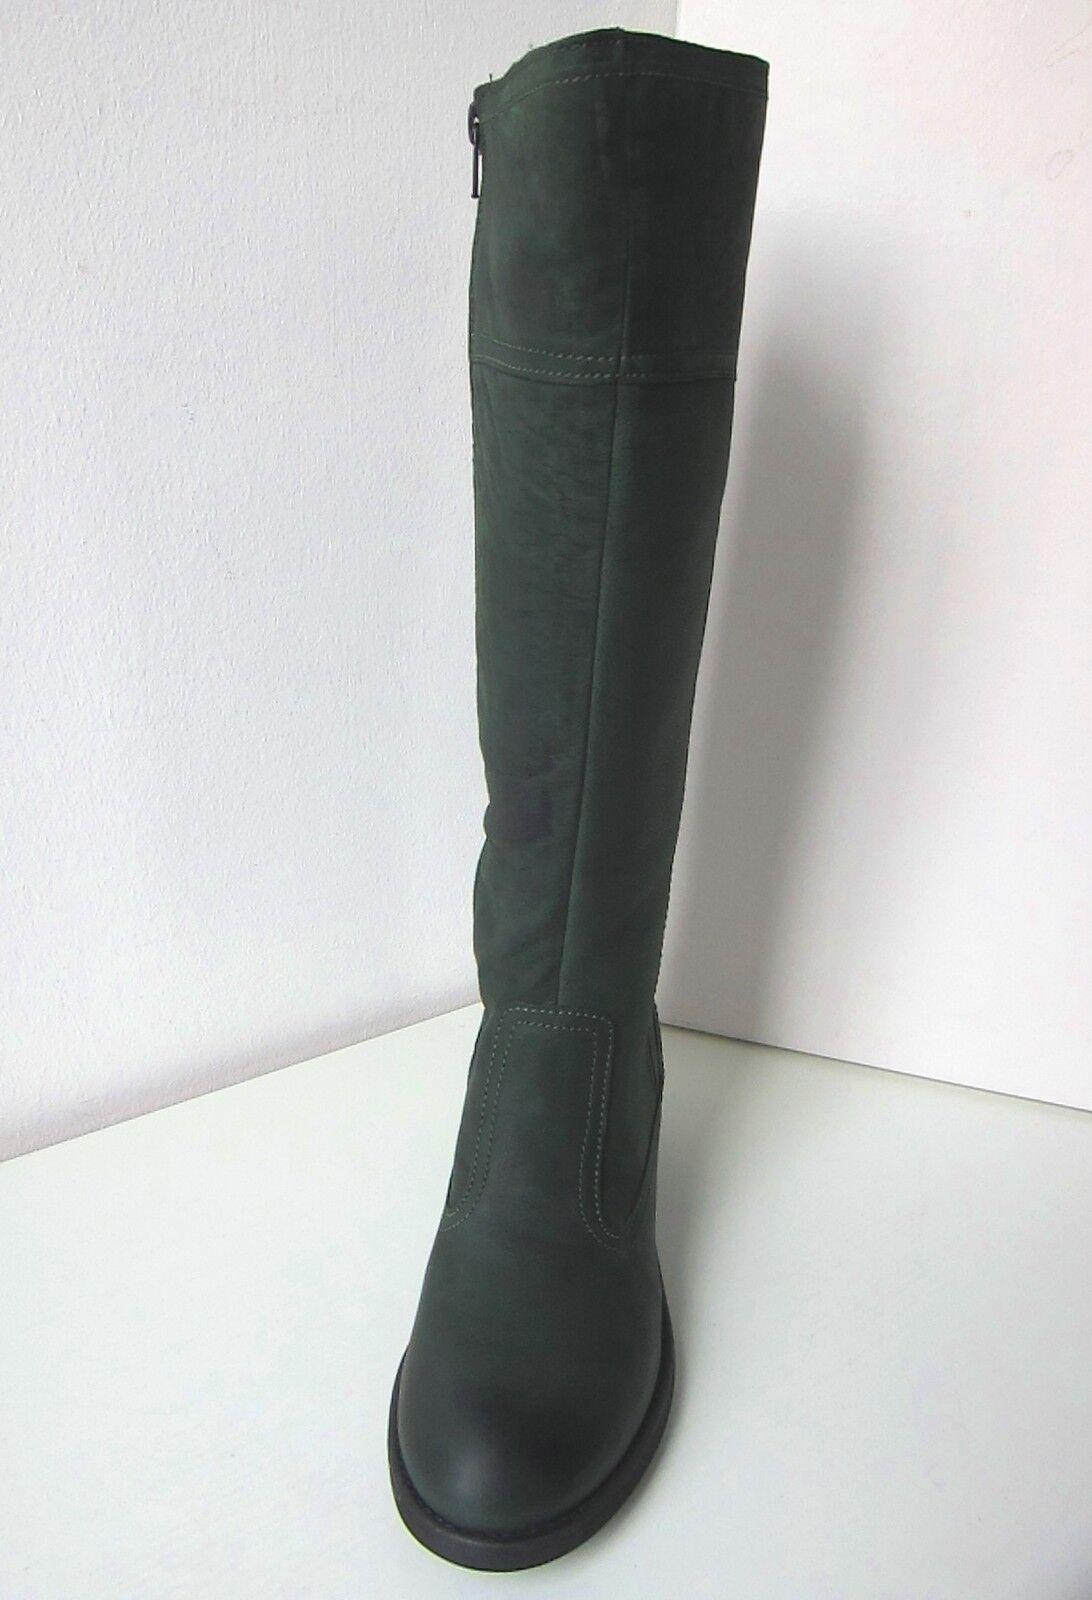 Tamaris Velour Leder Stiefel Weite Weite Weite L green Gr. 37 leather boots bottle dunkelgreen 18ea02